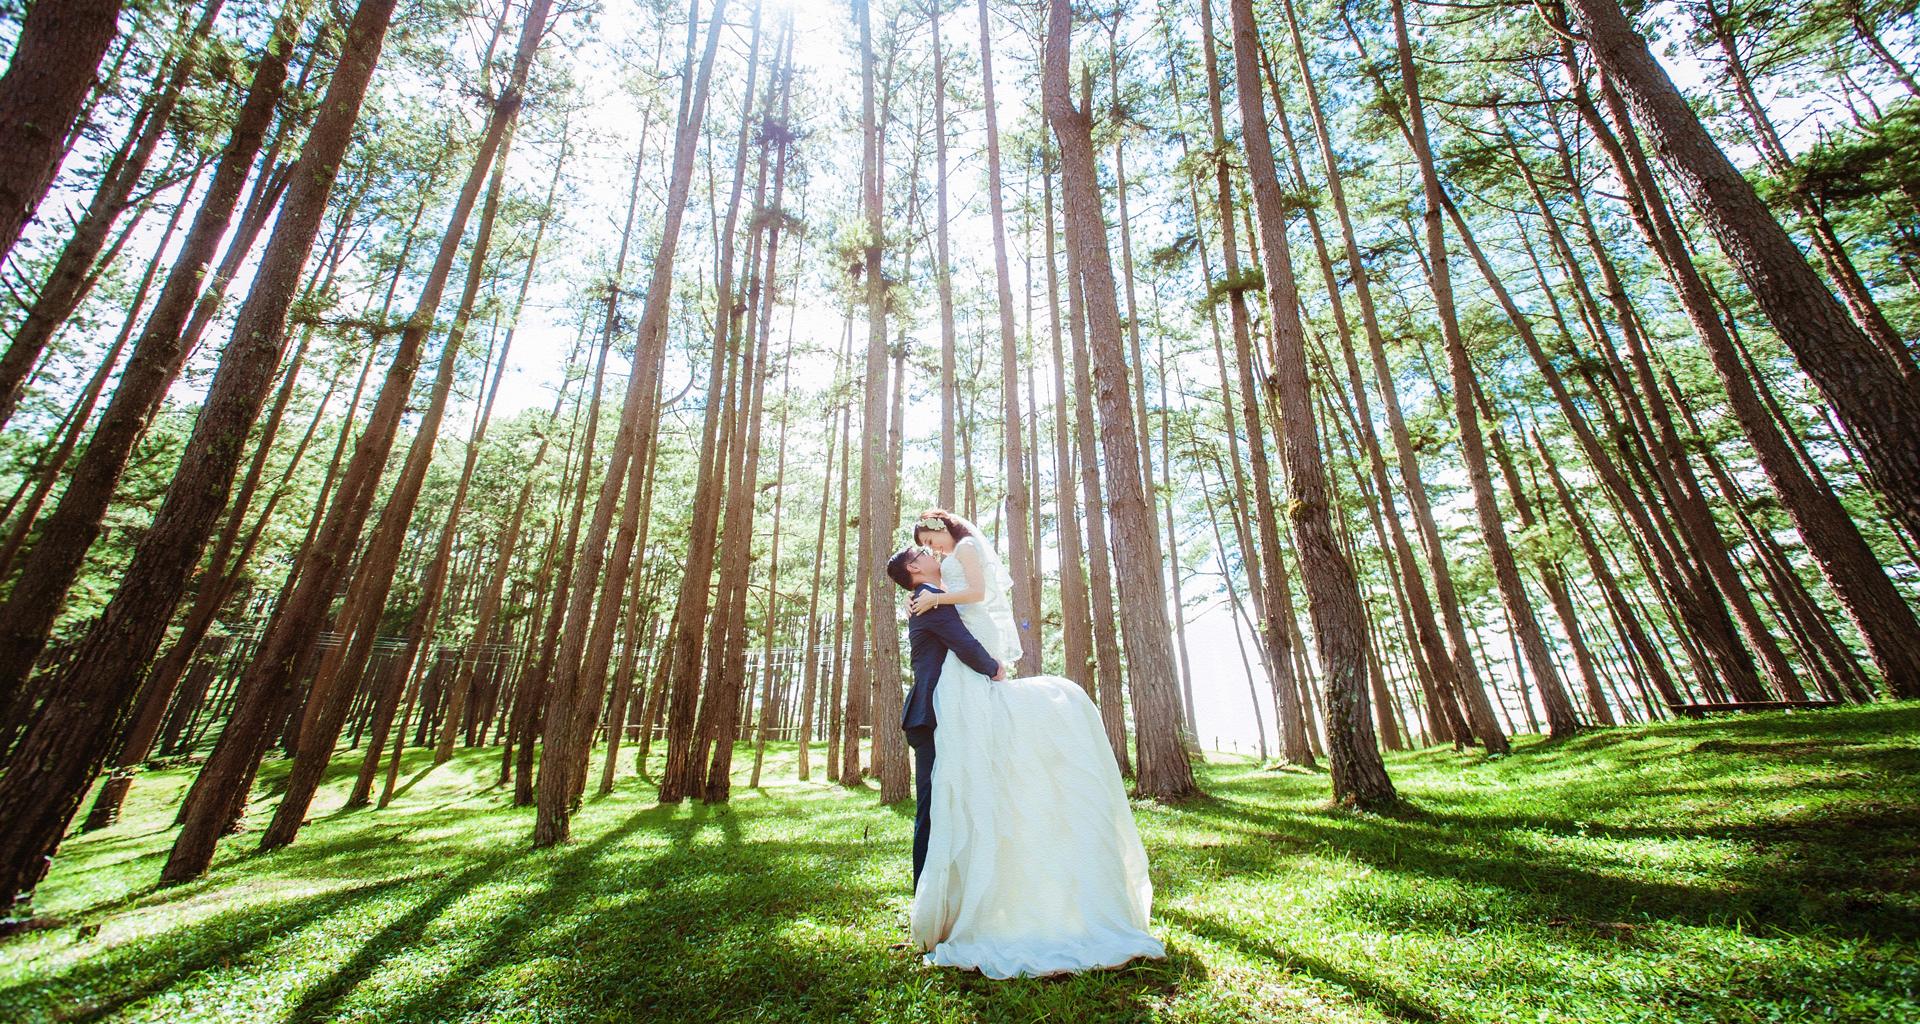 数ある婚活会社や婚活の出会い系サイトなどがありますが、私たちの岡山県の婚活パ―ティーの出会いと違い「心の健康」や「体の健康」を考えた内容を企画しています。例えば簡単な腰痛体操や眼精マッサージなどを含めた看護師監修の婚活パ―テイーを開催致します。また岡山県で生活される独身の皆様と「永遠の恋人」が見つかるように出会いを提供致します。